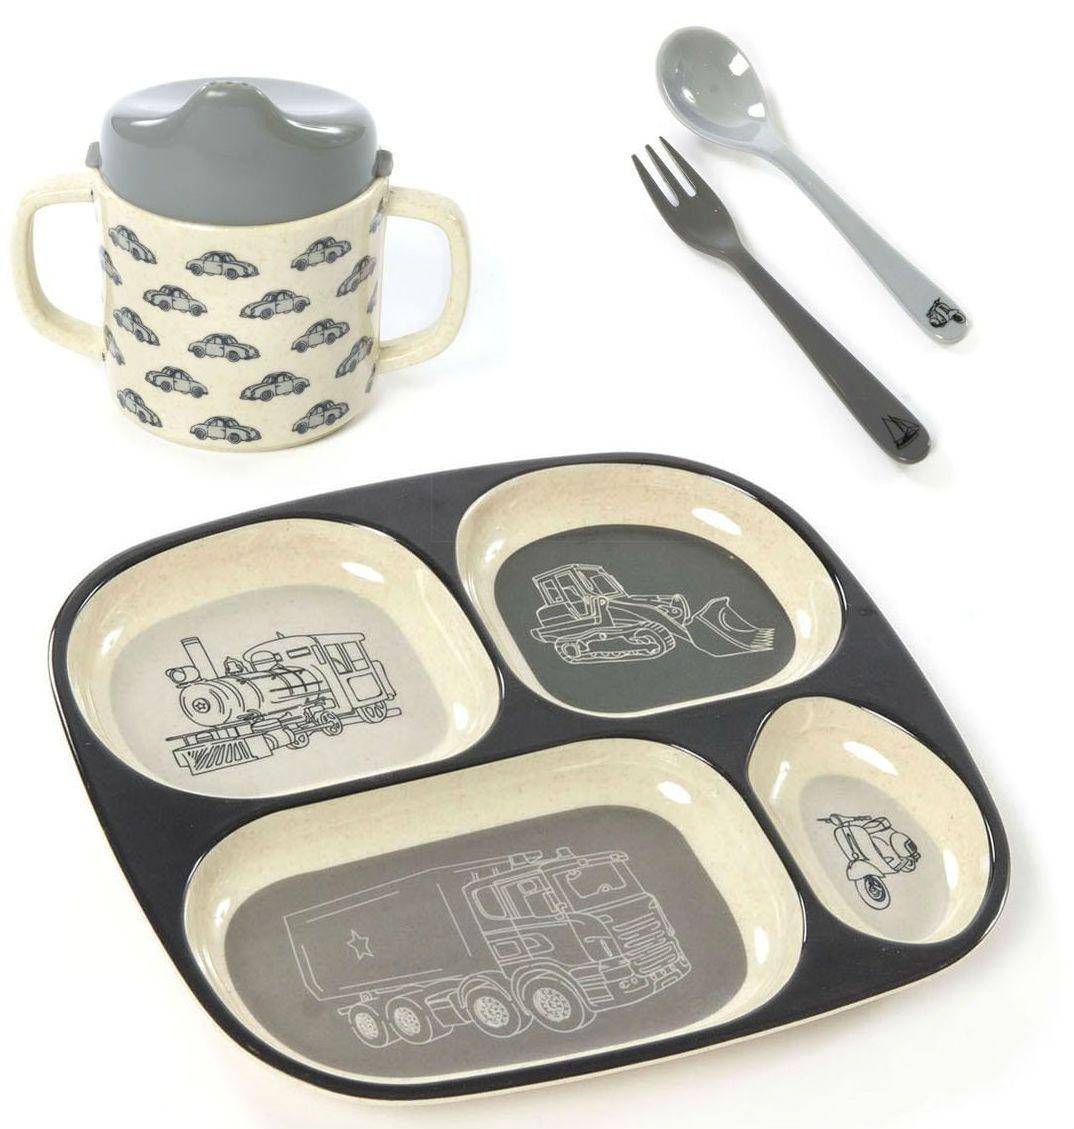 Billede af Spisesæt i gaveæske fra Smallstuff - Bambus melamin - Køretøj